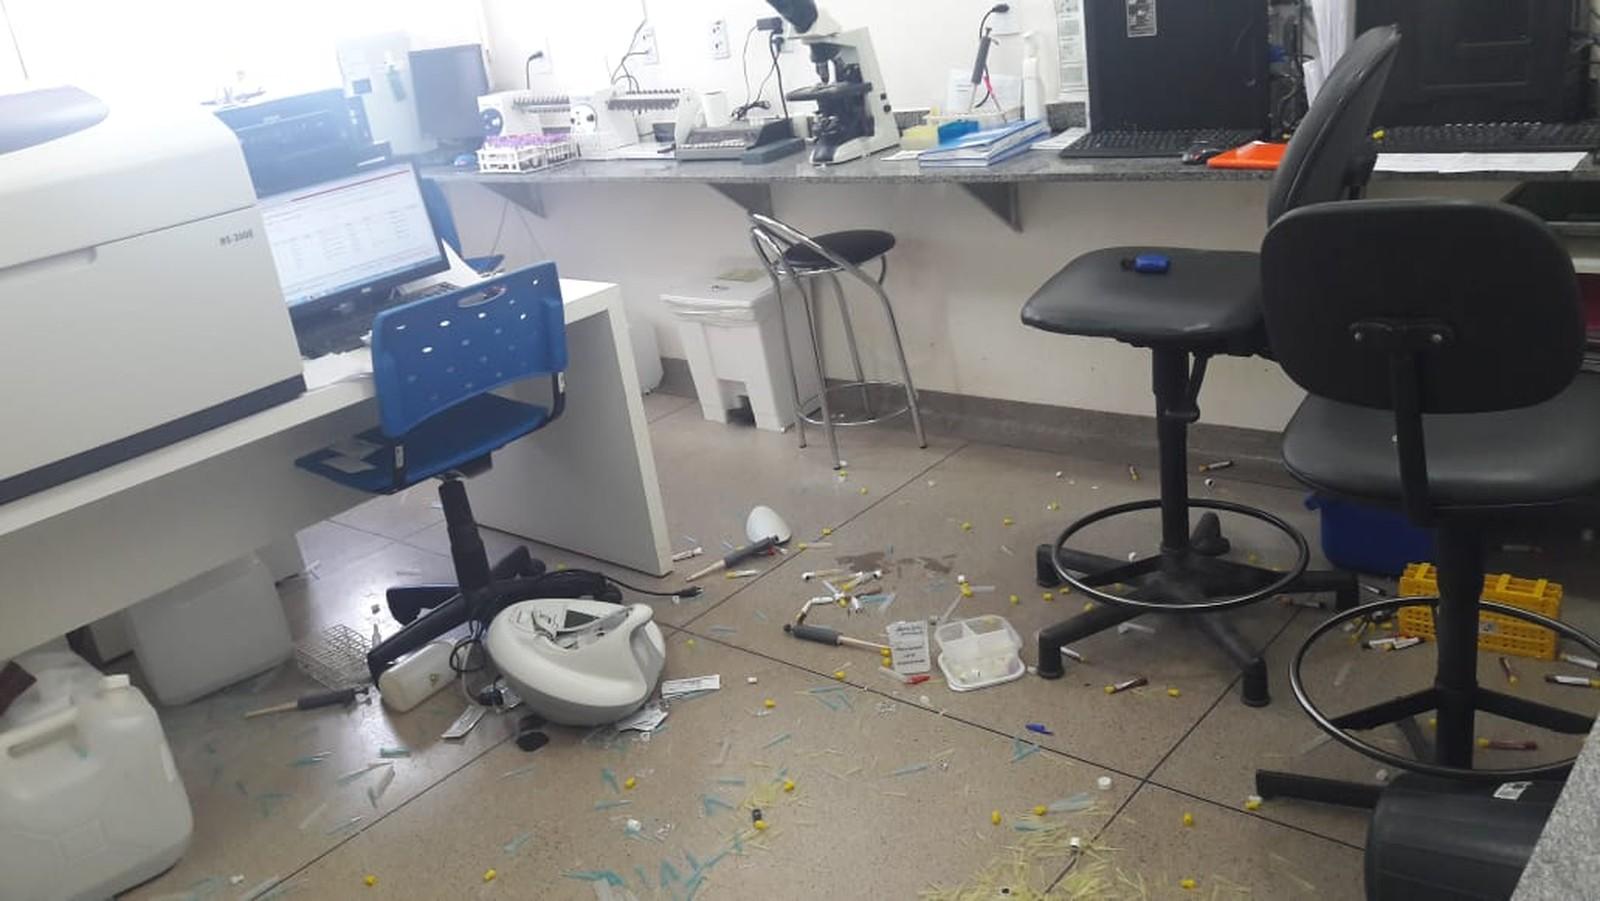 Jovem é presa após destruir laboratório de unidade de saúde em Palmas